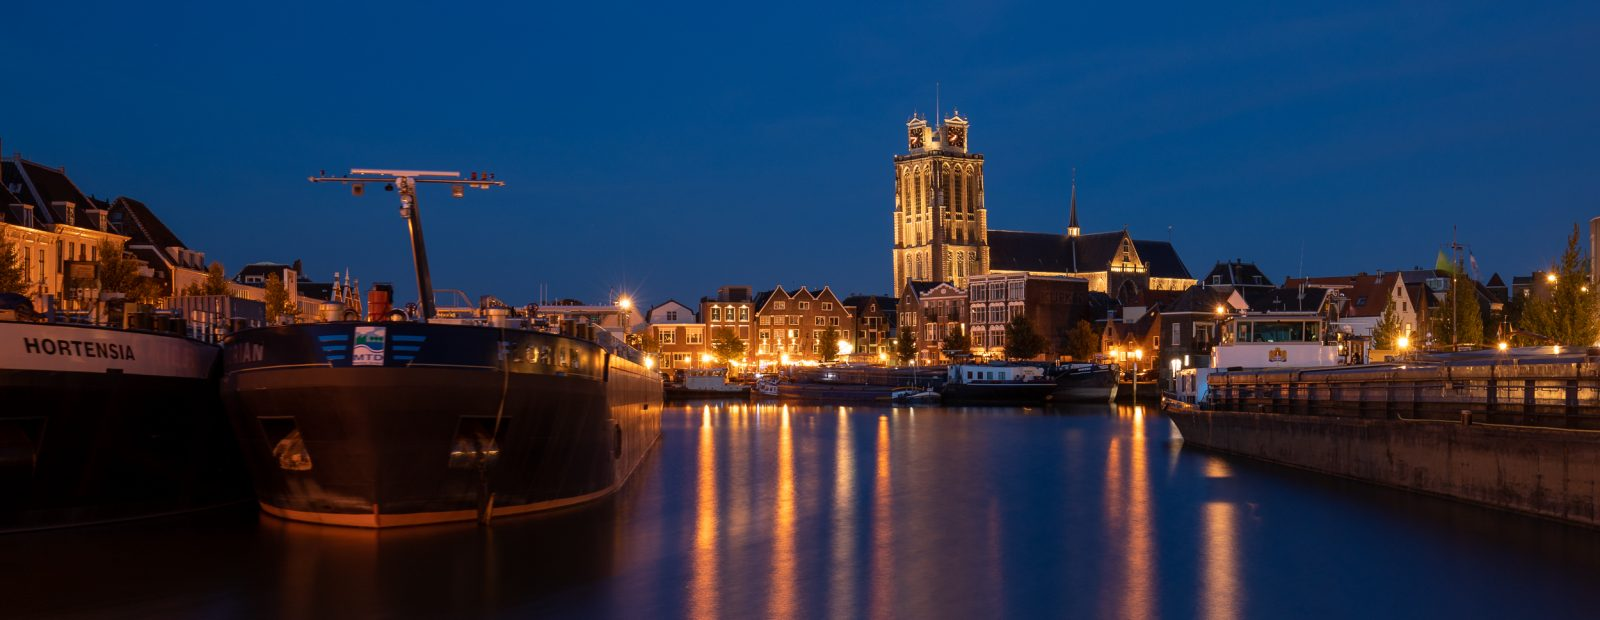 Panorama Grote Kerk Dordrecht